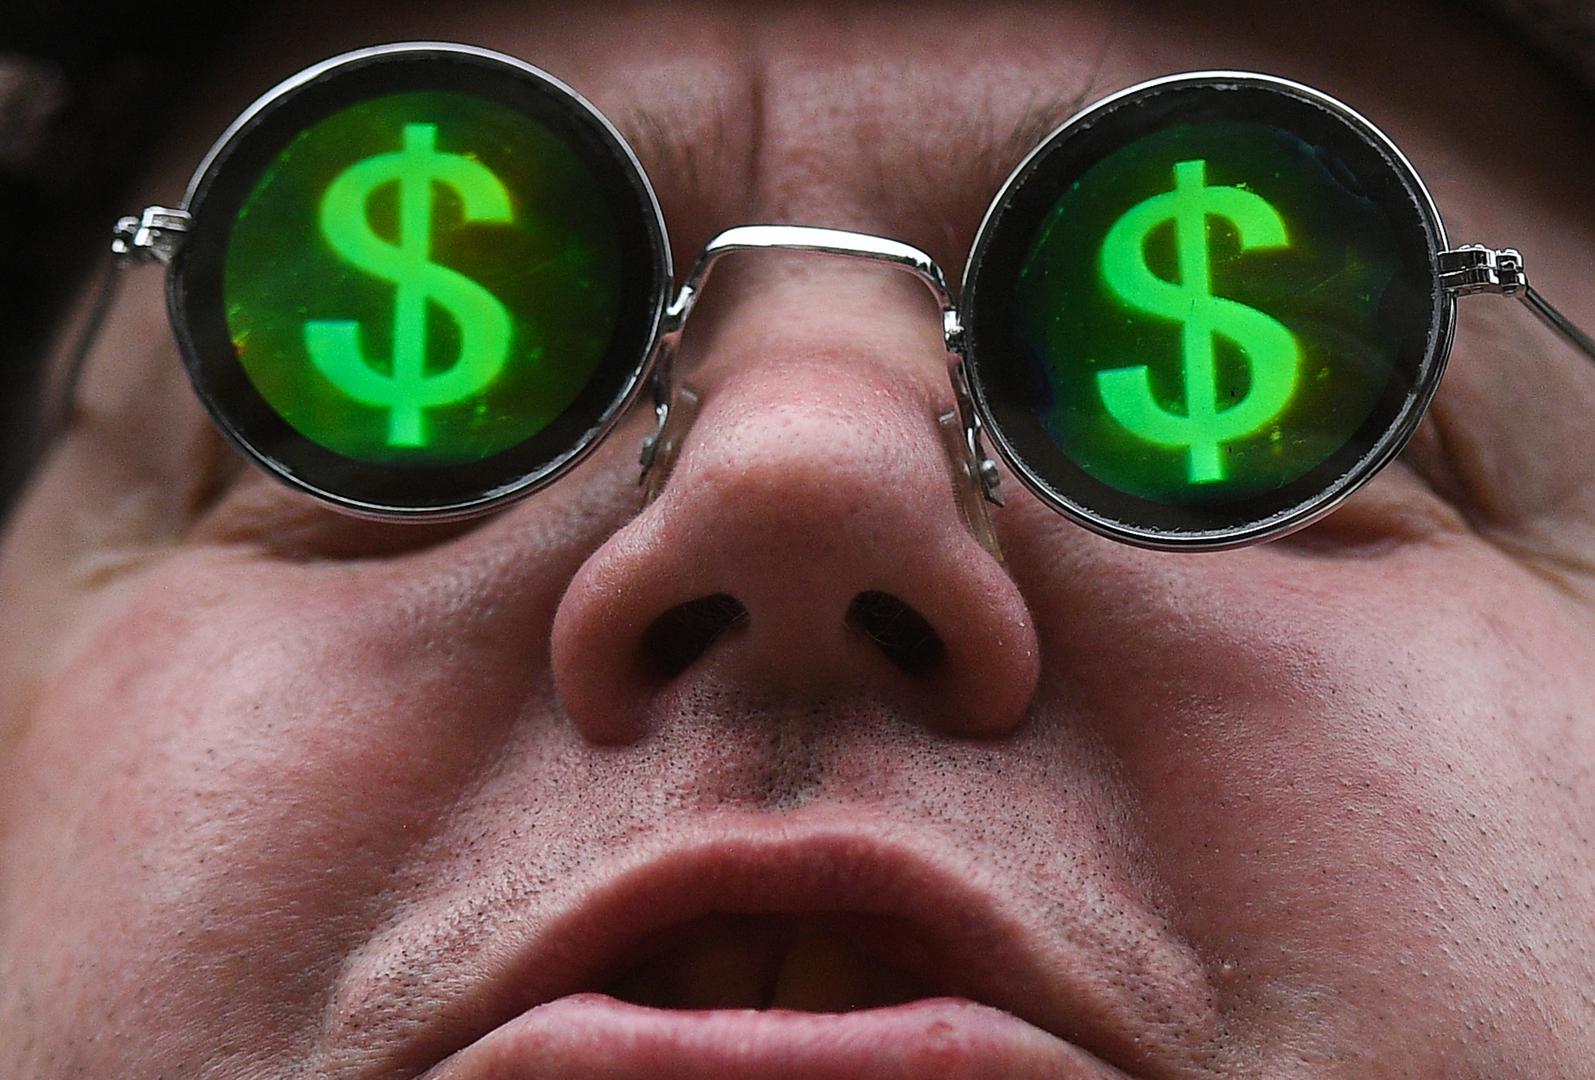 وزير المالية الروسي: سنستغي عن الدولار في احتياطيات صندوق الرفاه الوطني